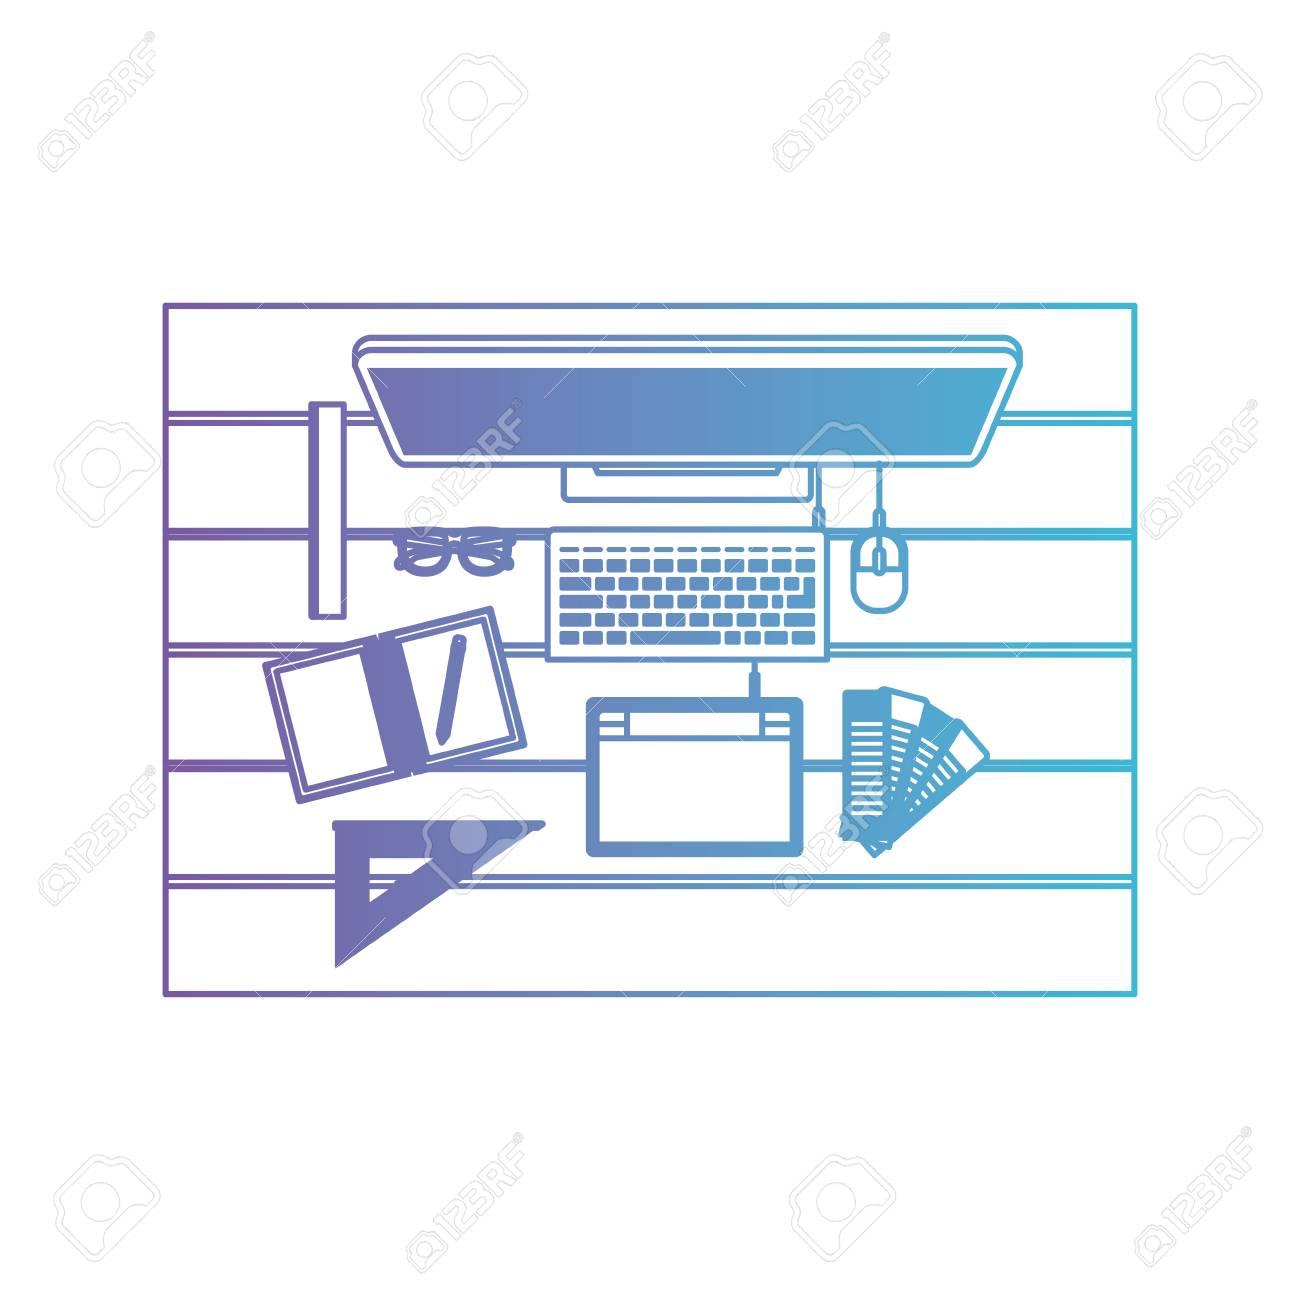 Desktop Computer Draw Tool Desk Ruler Tablet Digitizer Office